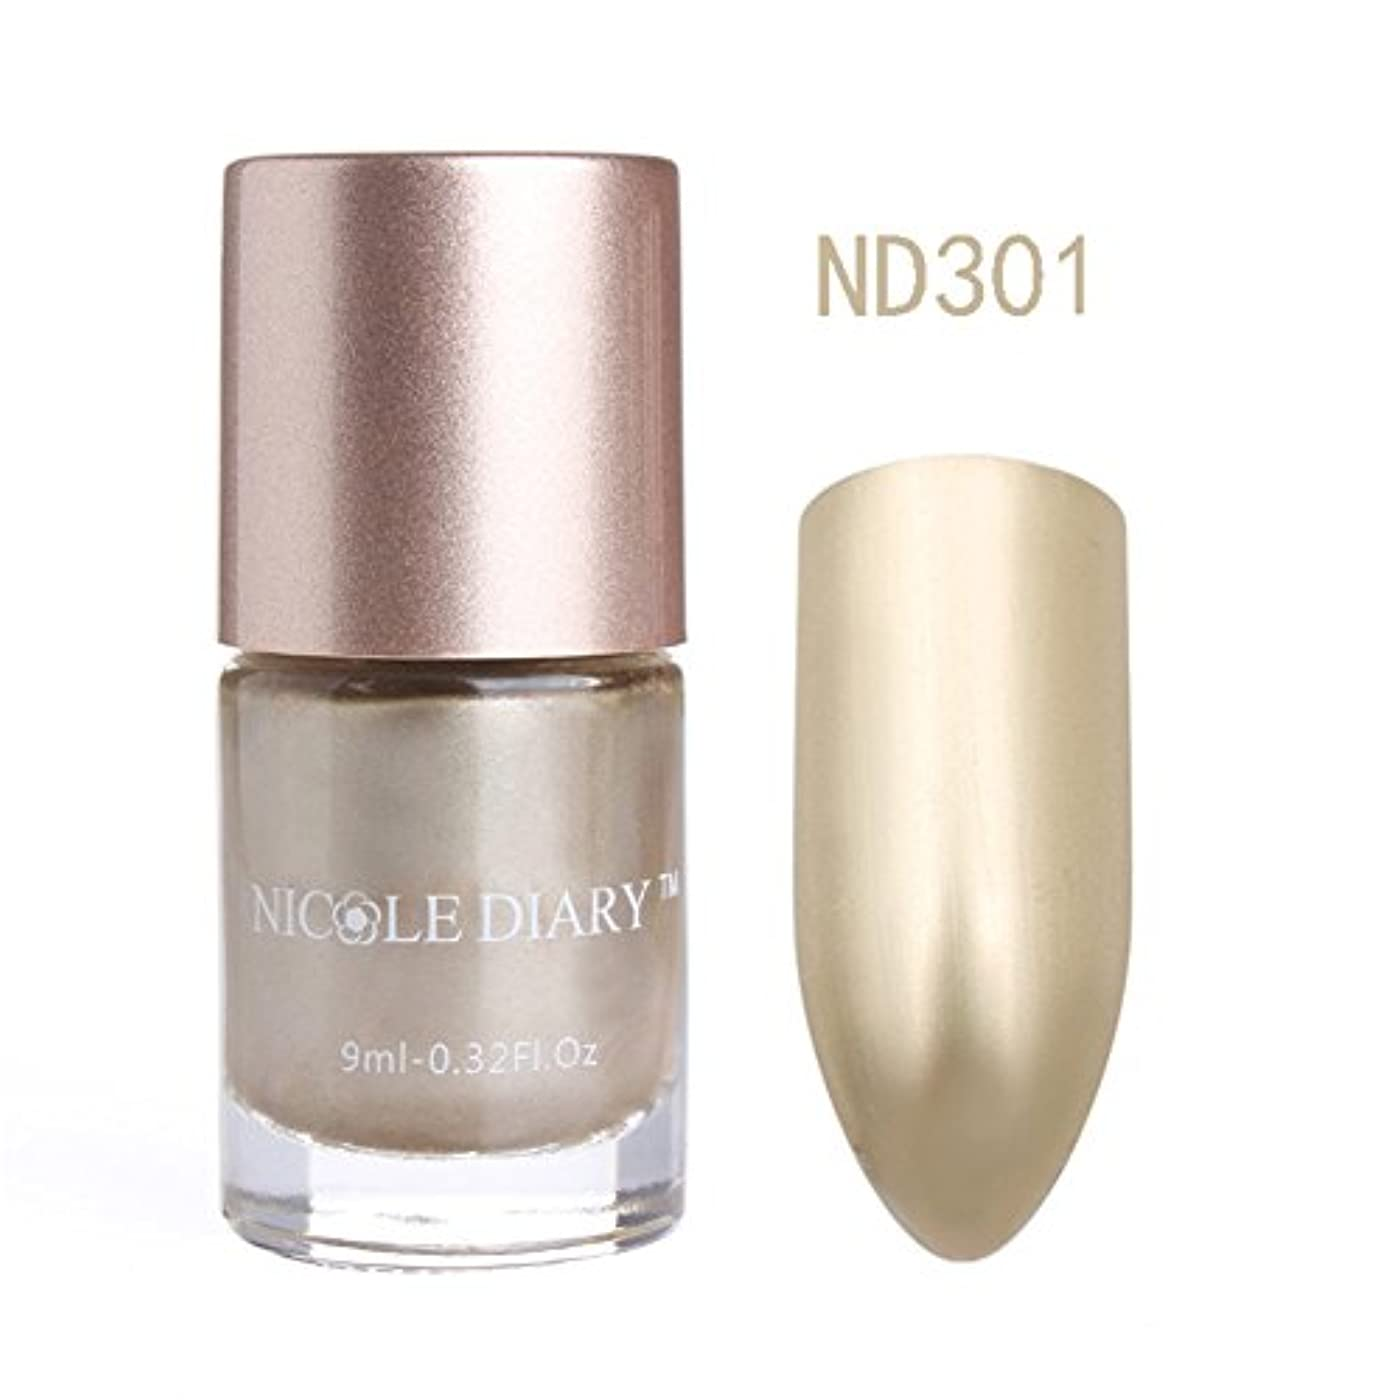 側交換可能悲劇9ml NICOLE DIARY メタルネイルポリッシュミラーパウダー効果キラキラメタルポリッシュ 5色 (Color:ND301)